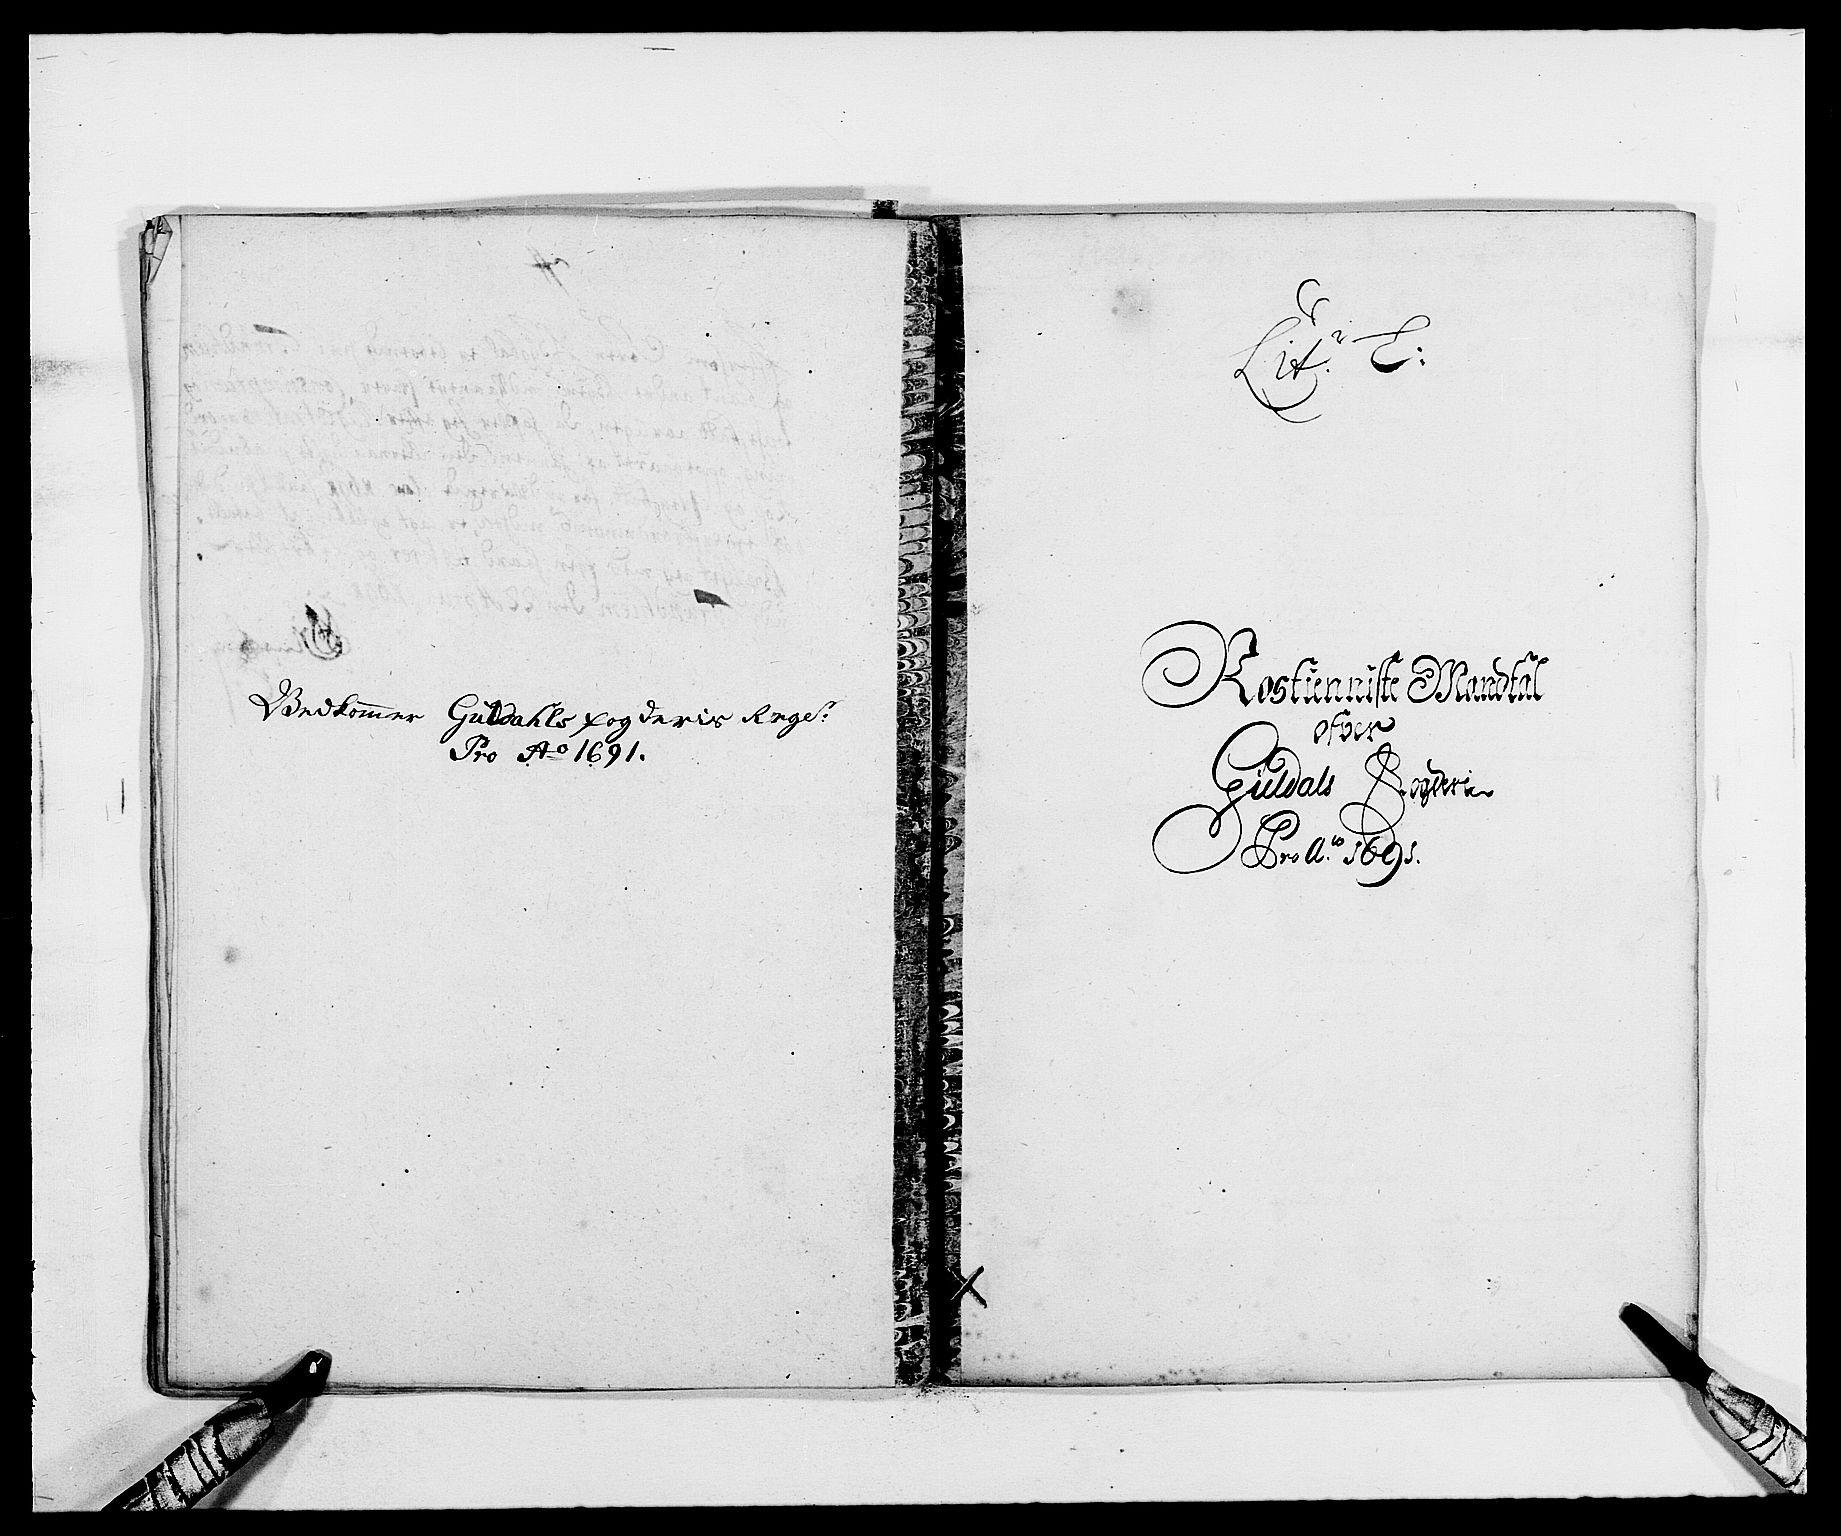 RA, Rentekammeret inntil 1814, Reviderte regnskaper, Fogderegnskap, R59/L3941: Fogderegnskap Gauldal, 1691, s. 115